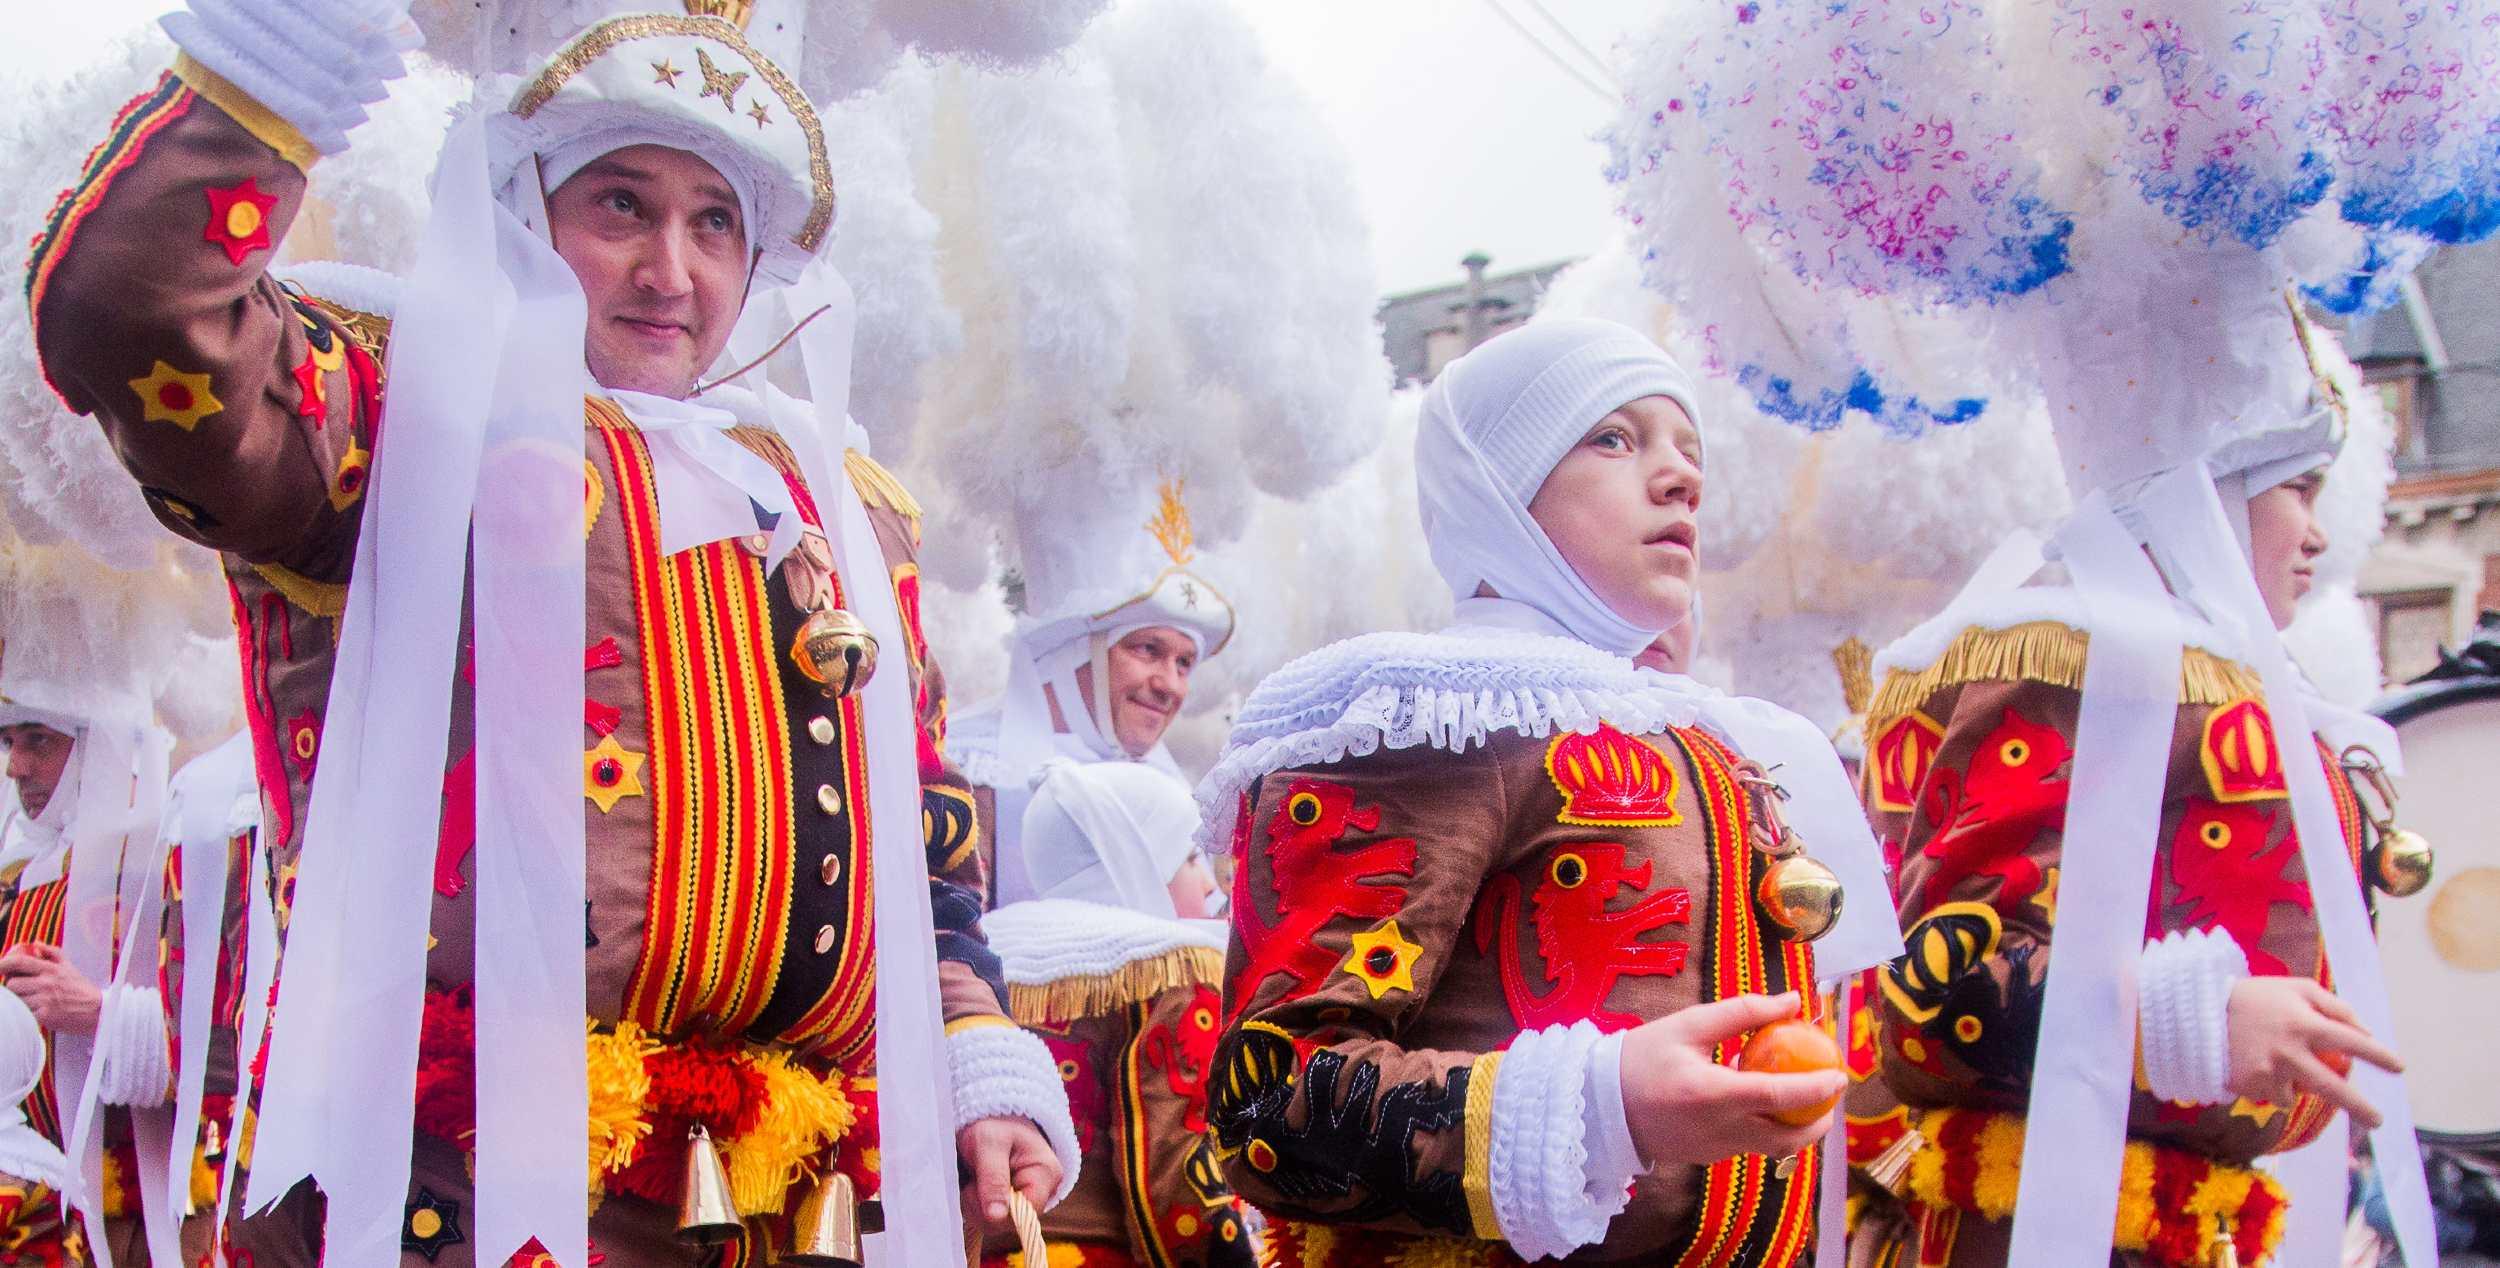 Les Gilles du carnaval de Binche